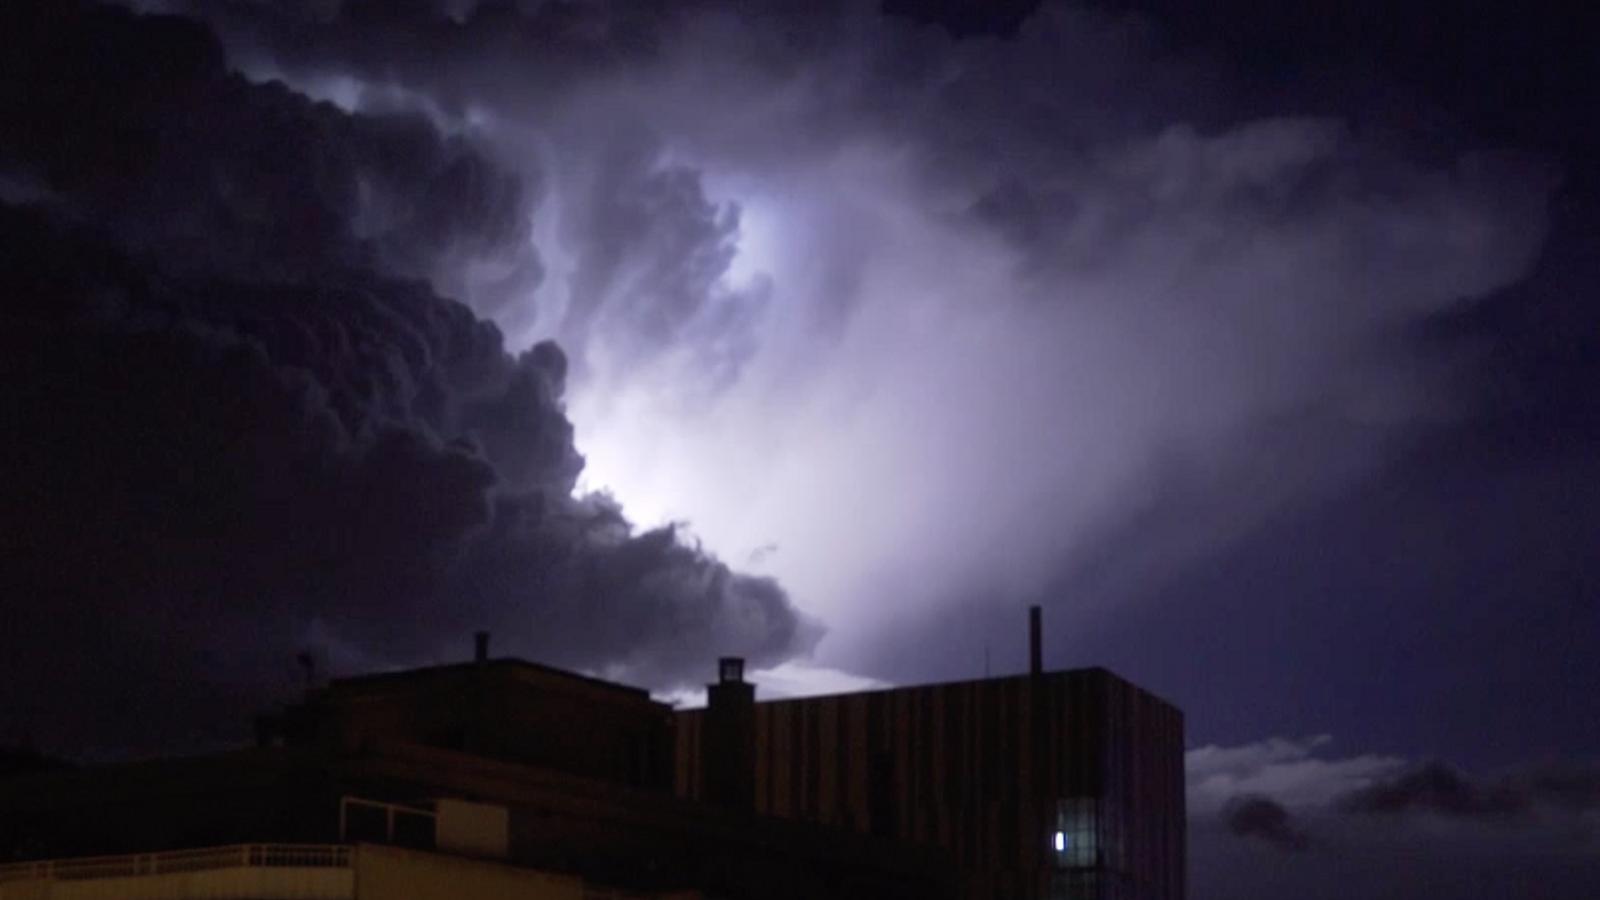 La tempesta captada des de Barcelona / POL TURRENTS